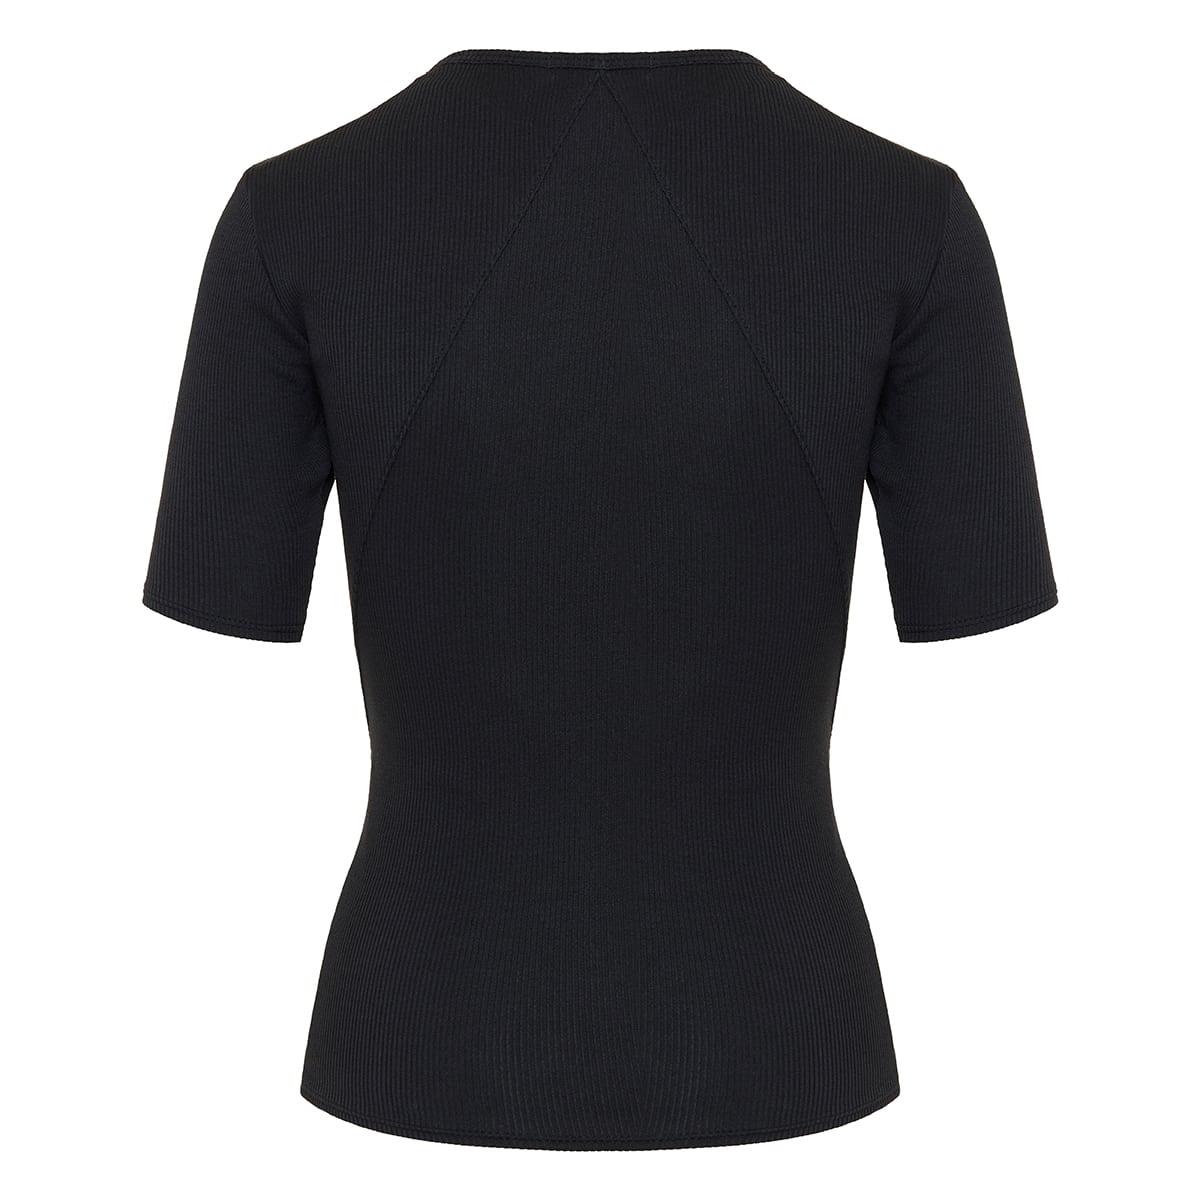 The Essential Rib t-shirt